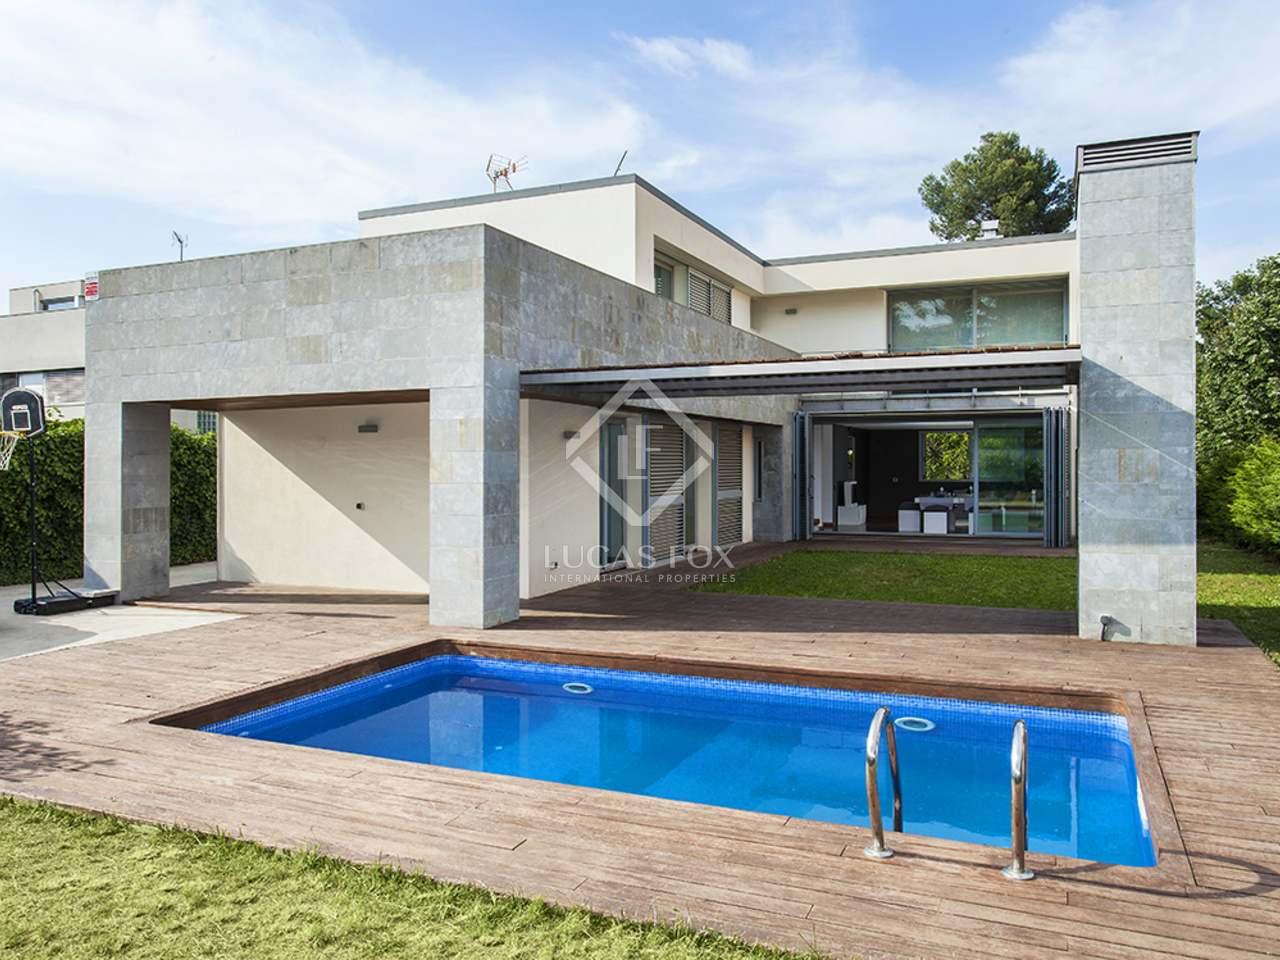 maison villa de 320m a vendre sant cugat barcelone. Black Bedroom Furniture Sets. Home Design Ideas